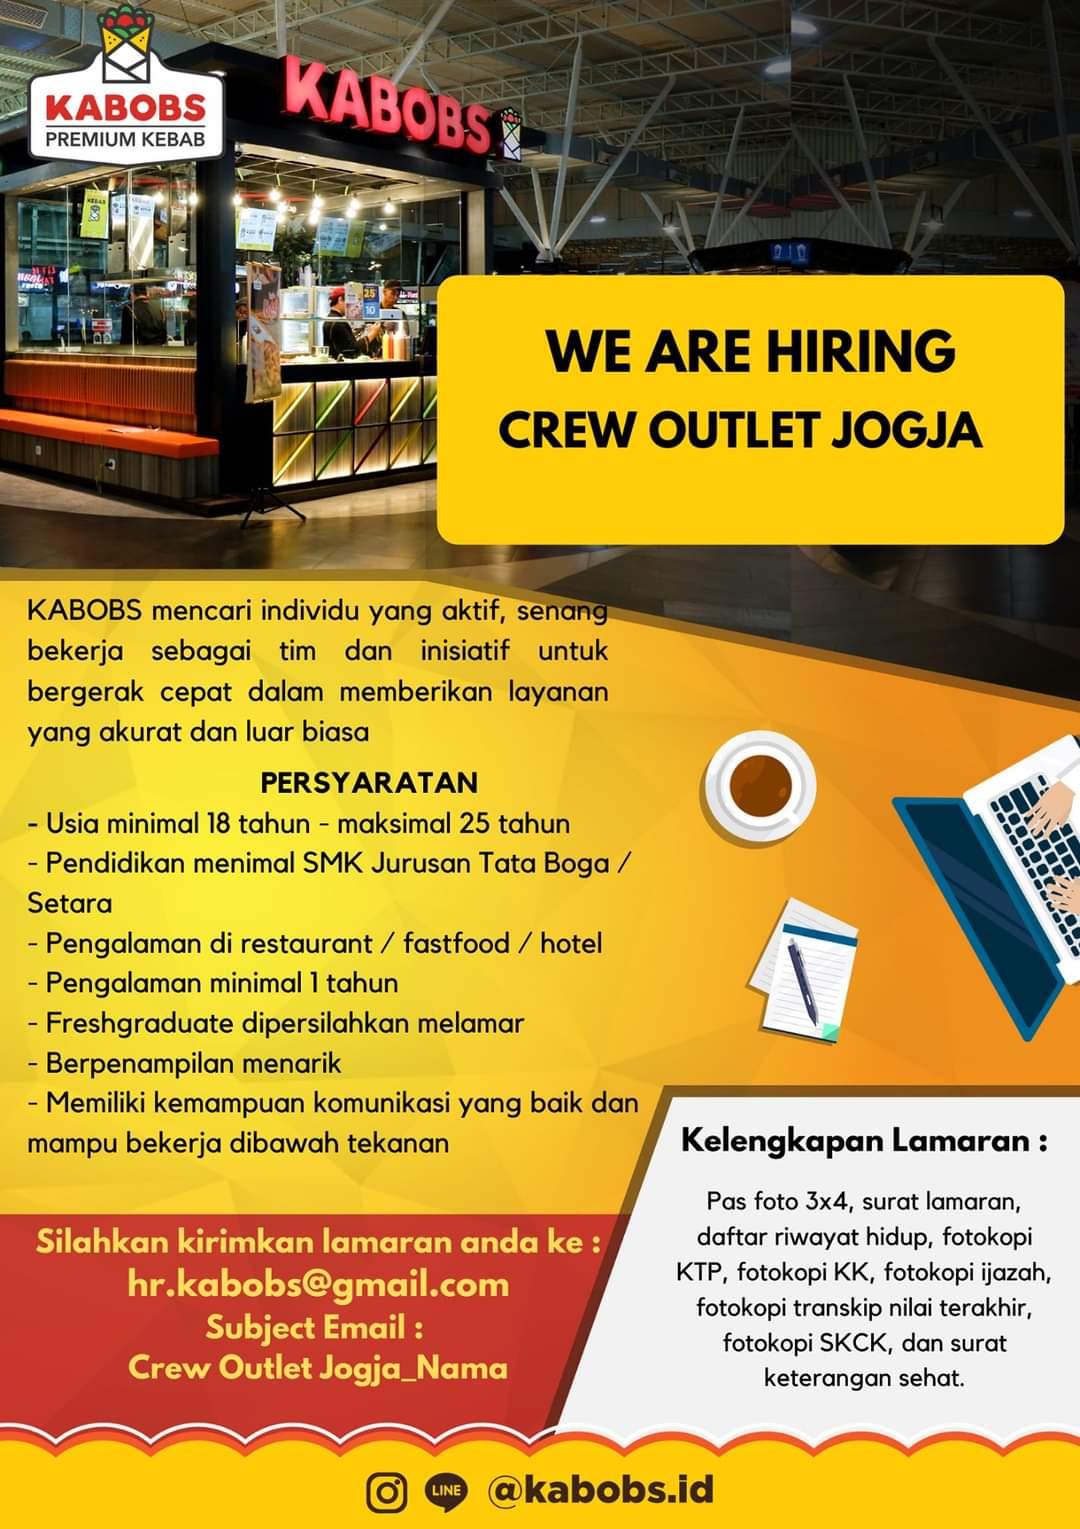 We Are Hiring Crew Outlet Kabobs Premium Kebab Jogja